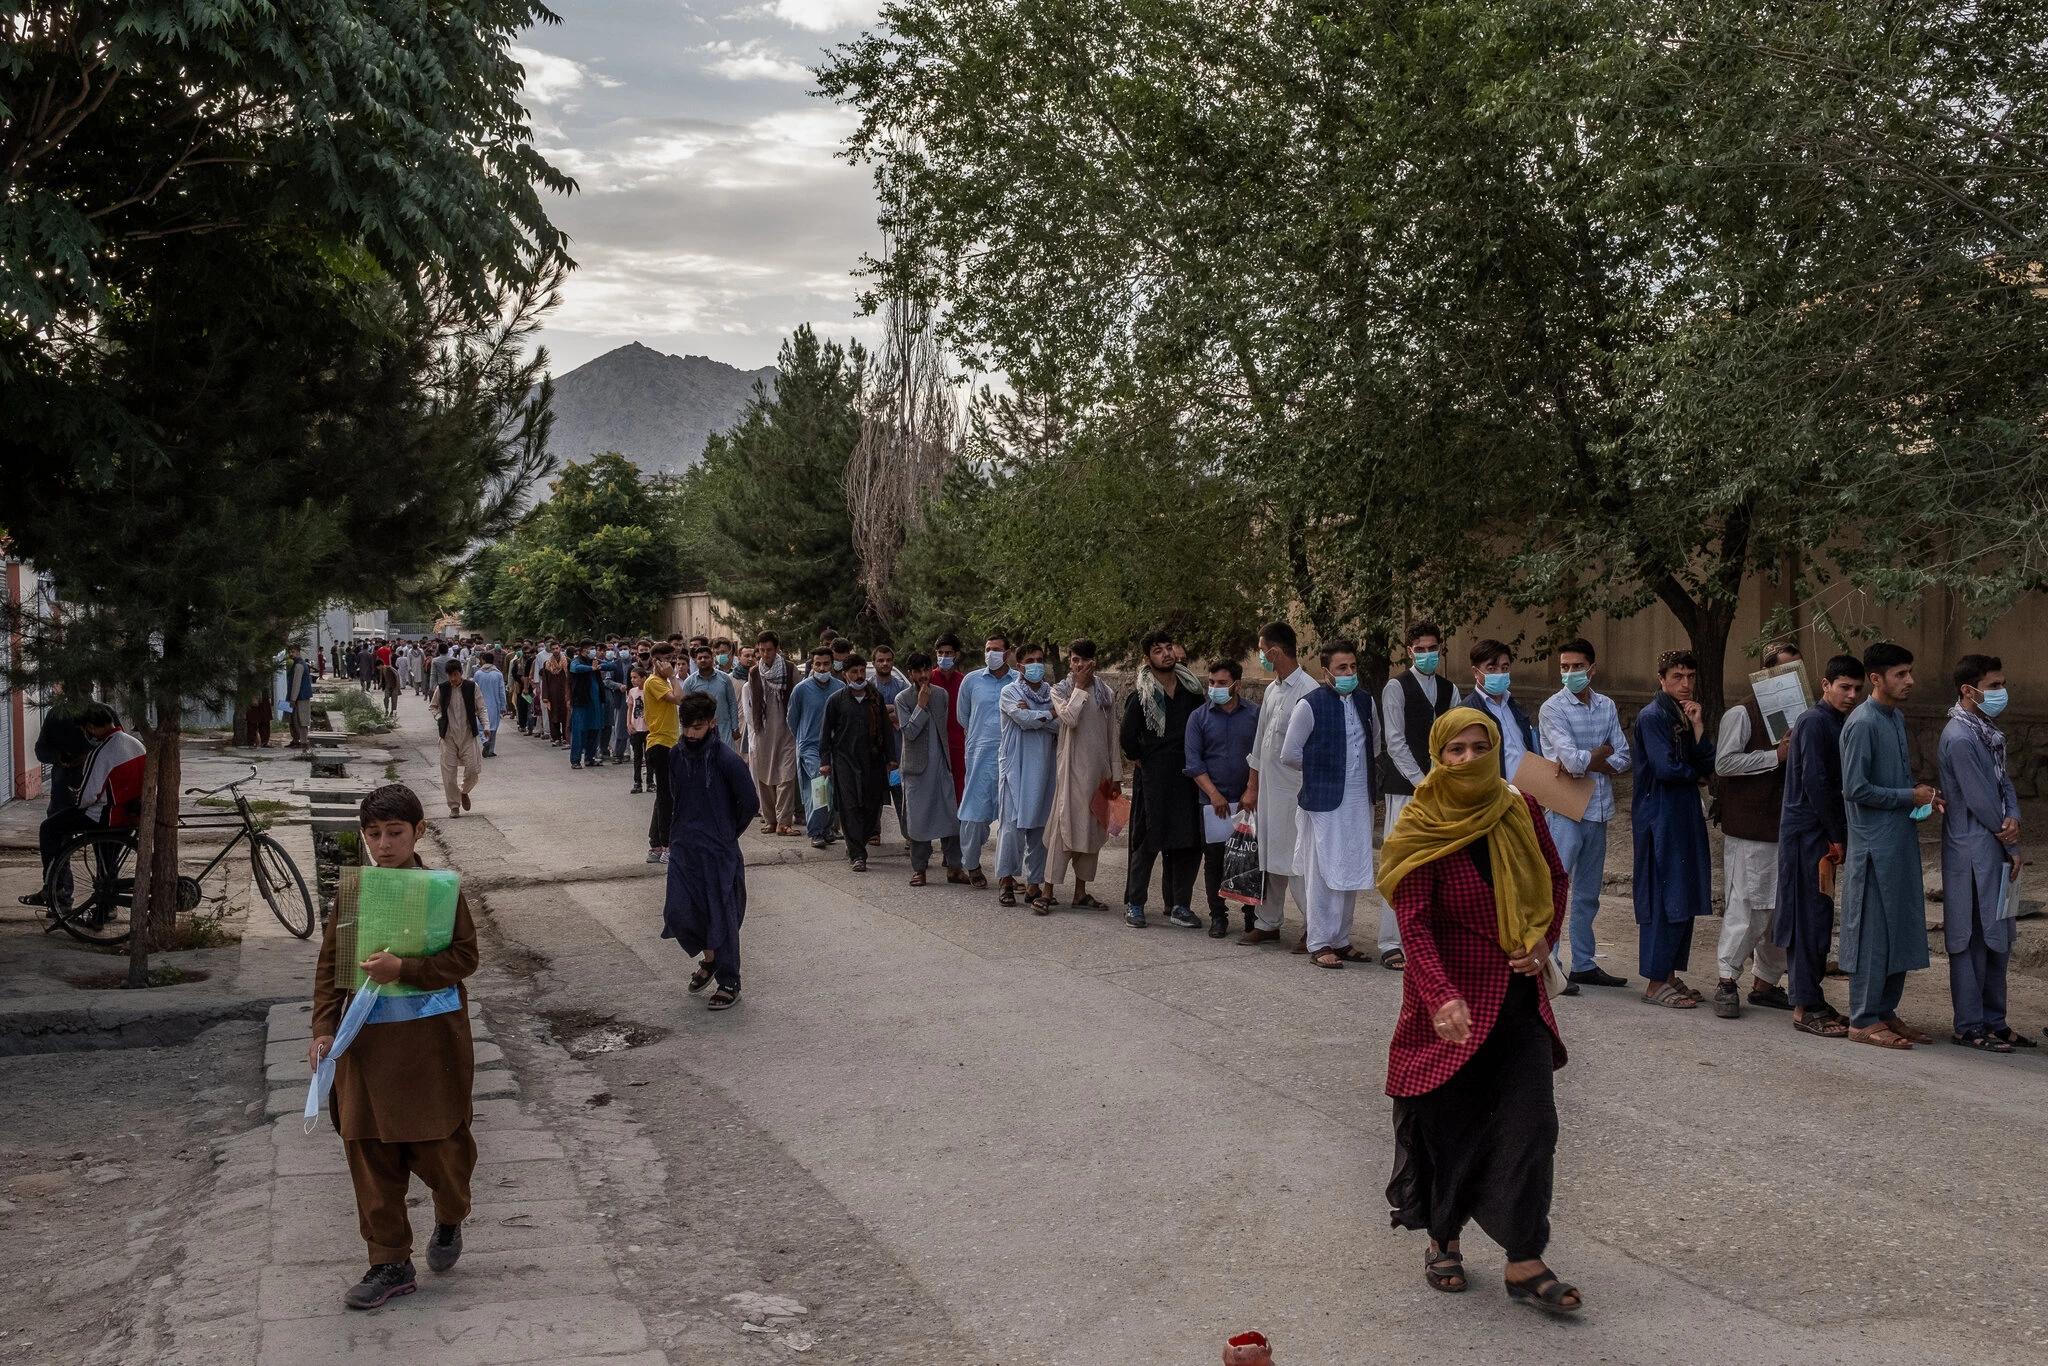 在喀布尔的护照部门排队的阿富汗人,阿富汗局势引发了欧洲对难民潮的担忧 图源:社交媒体